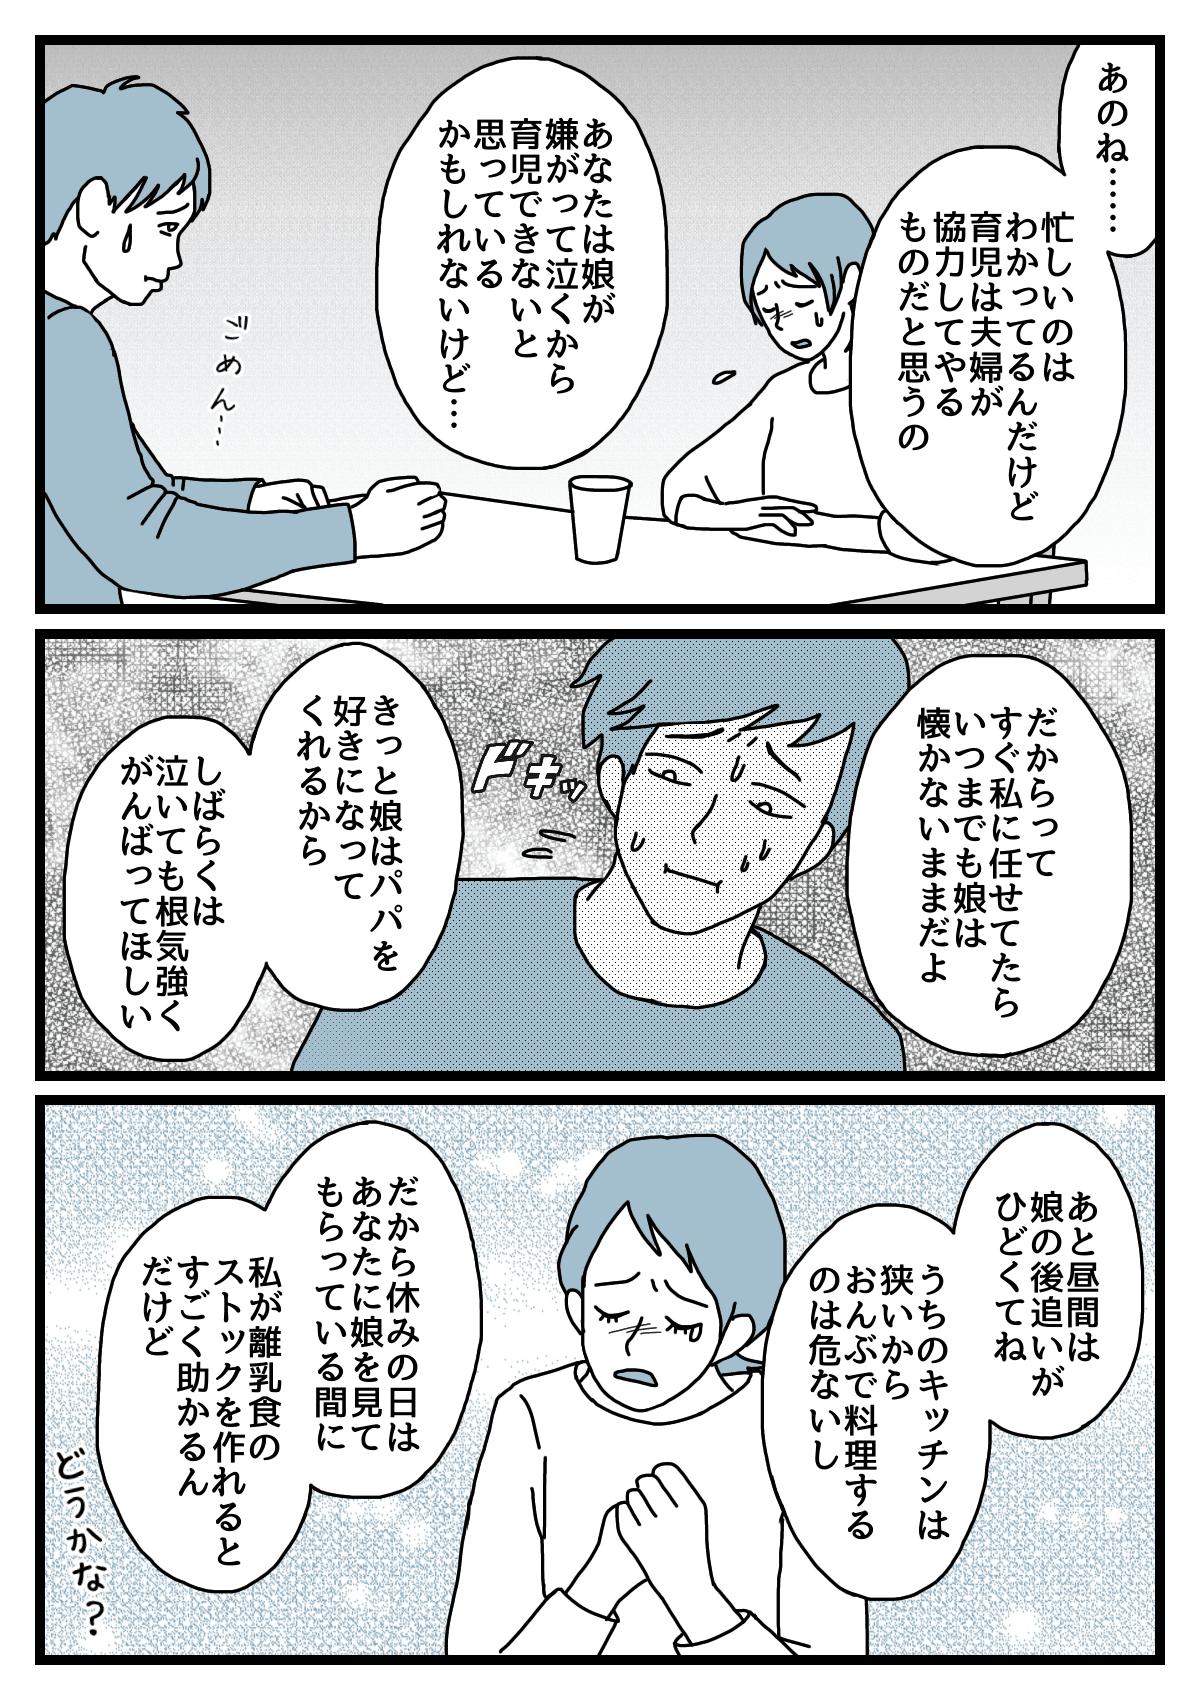 ワンオペママ3